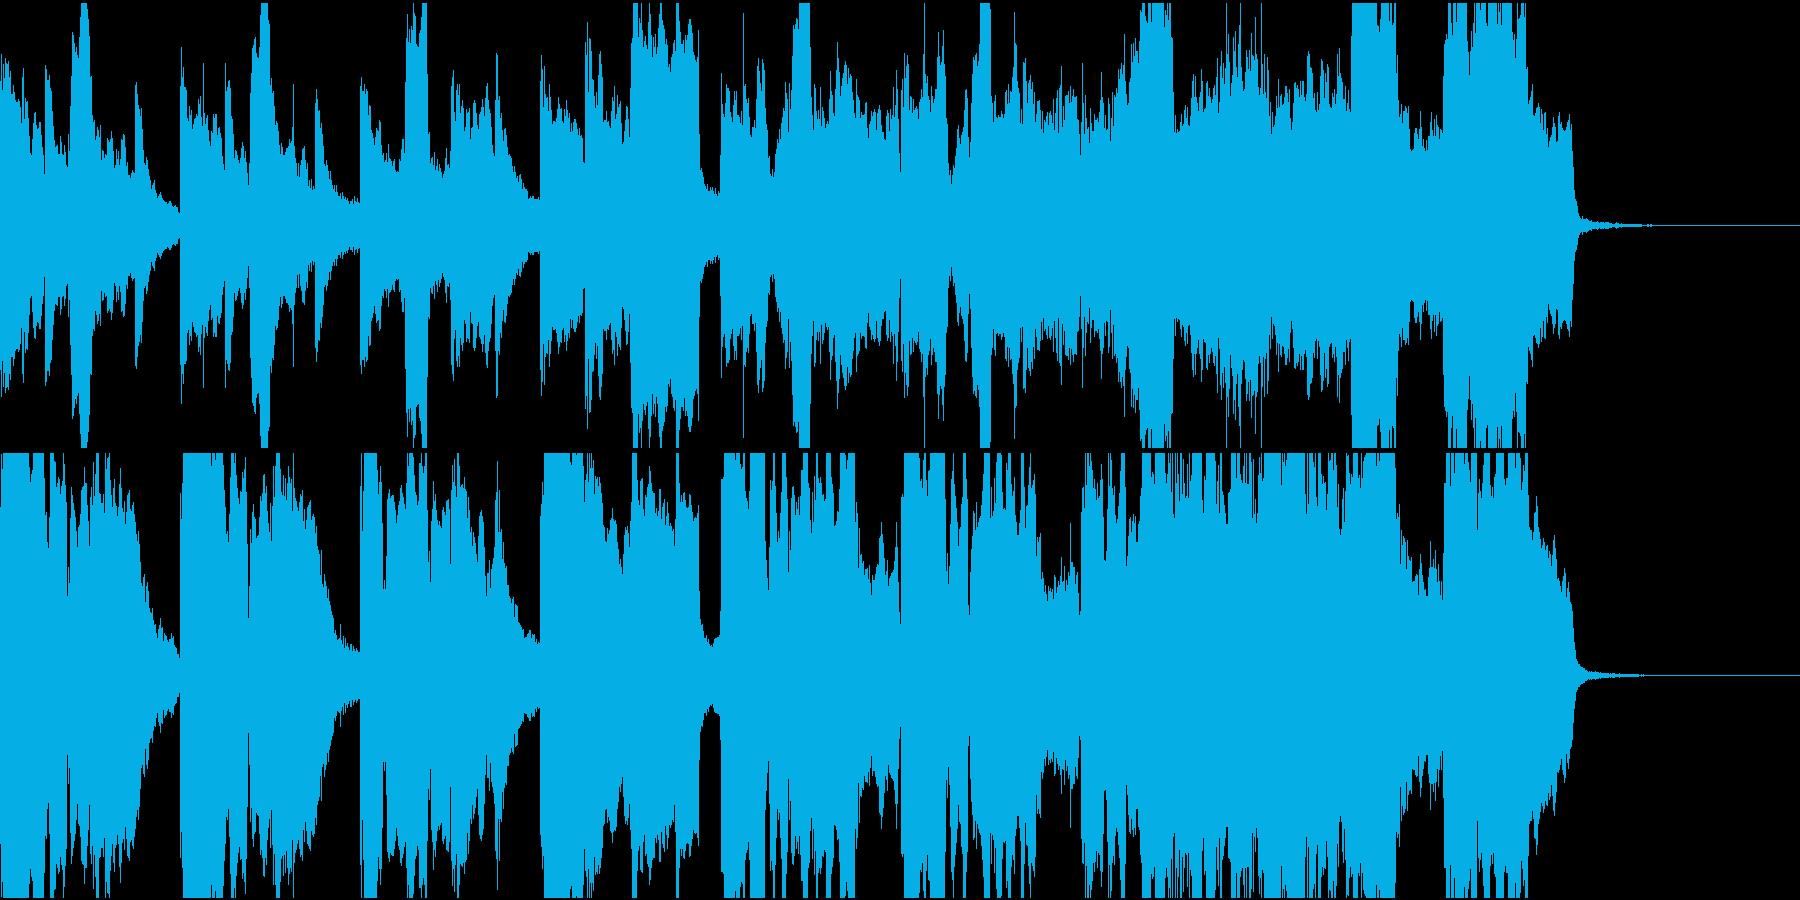 歩いている風景に流れるBGMの再生済みの波形